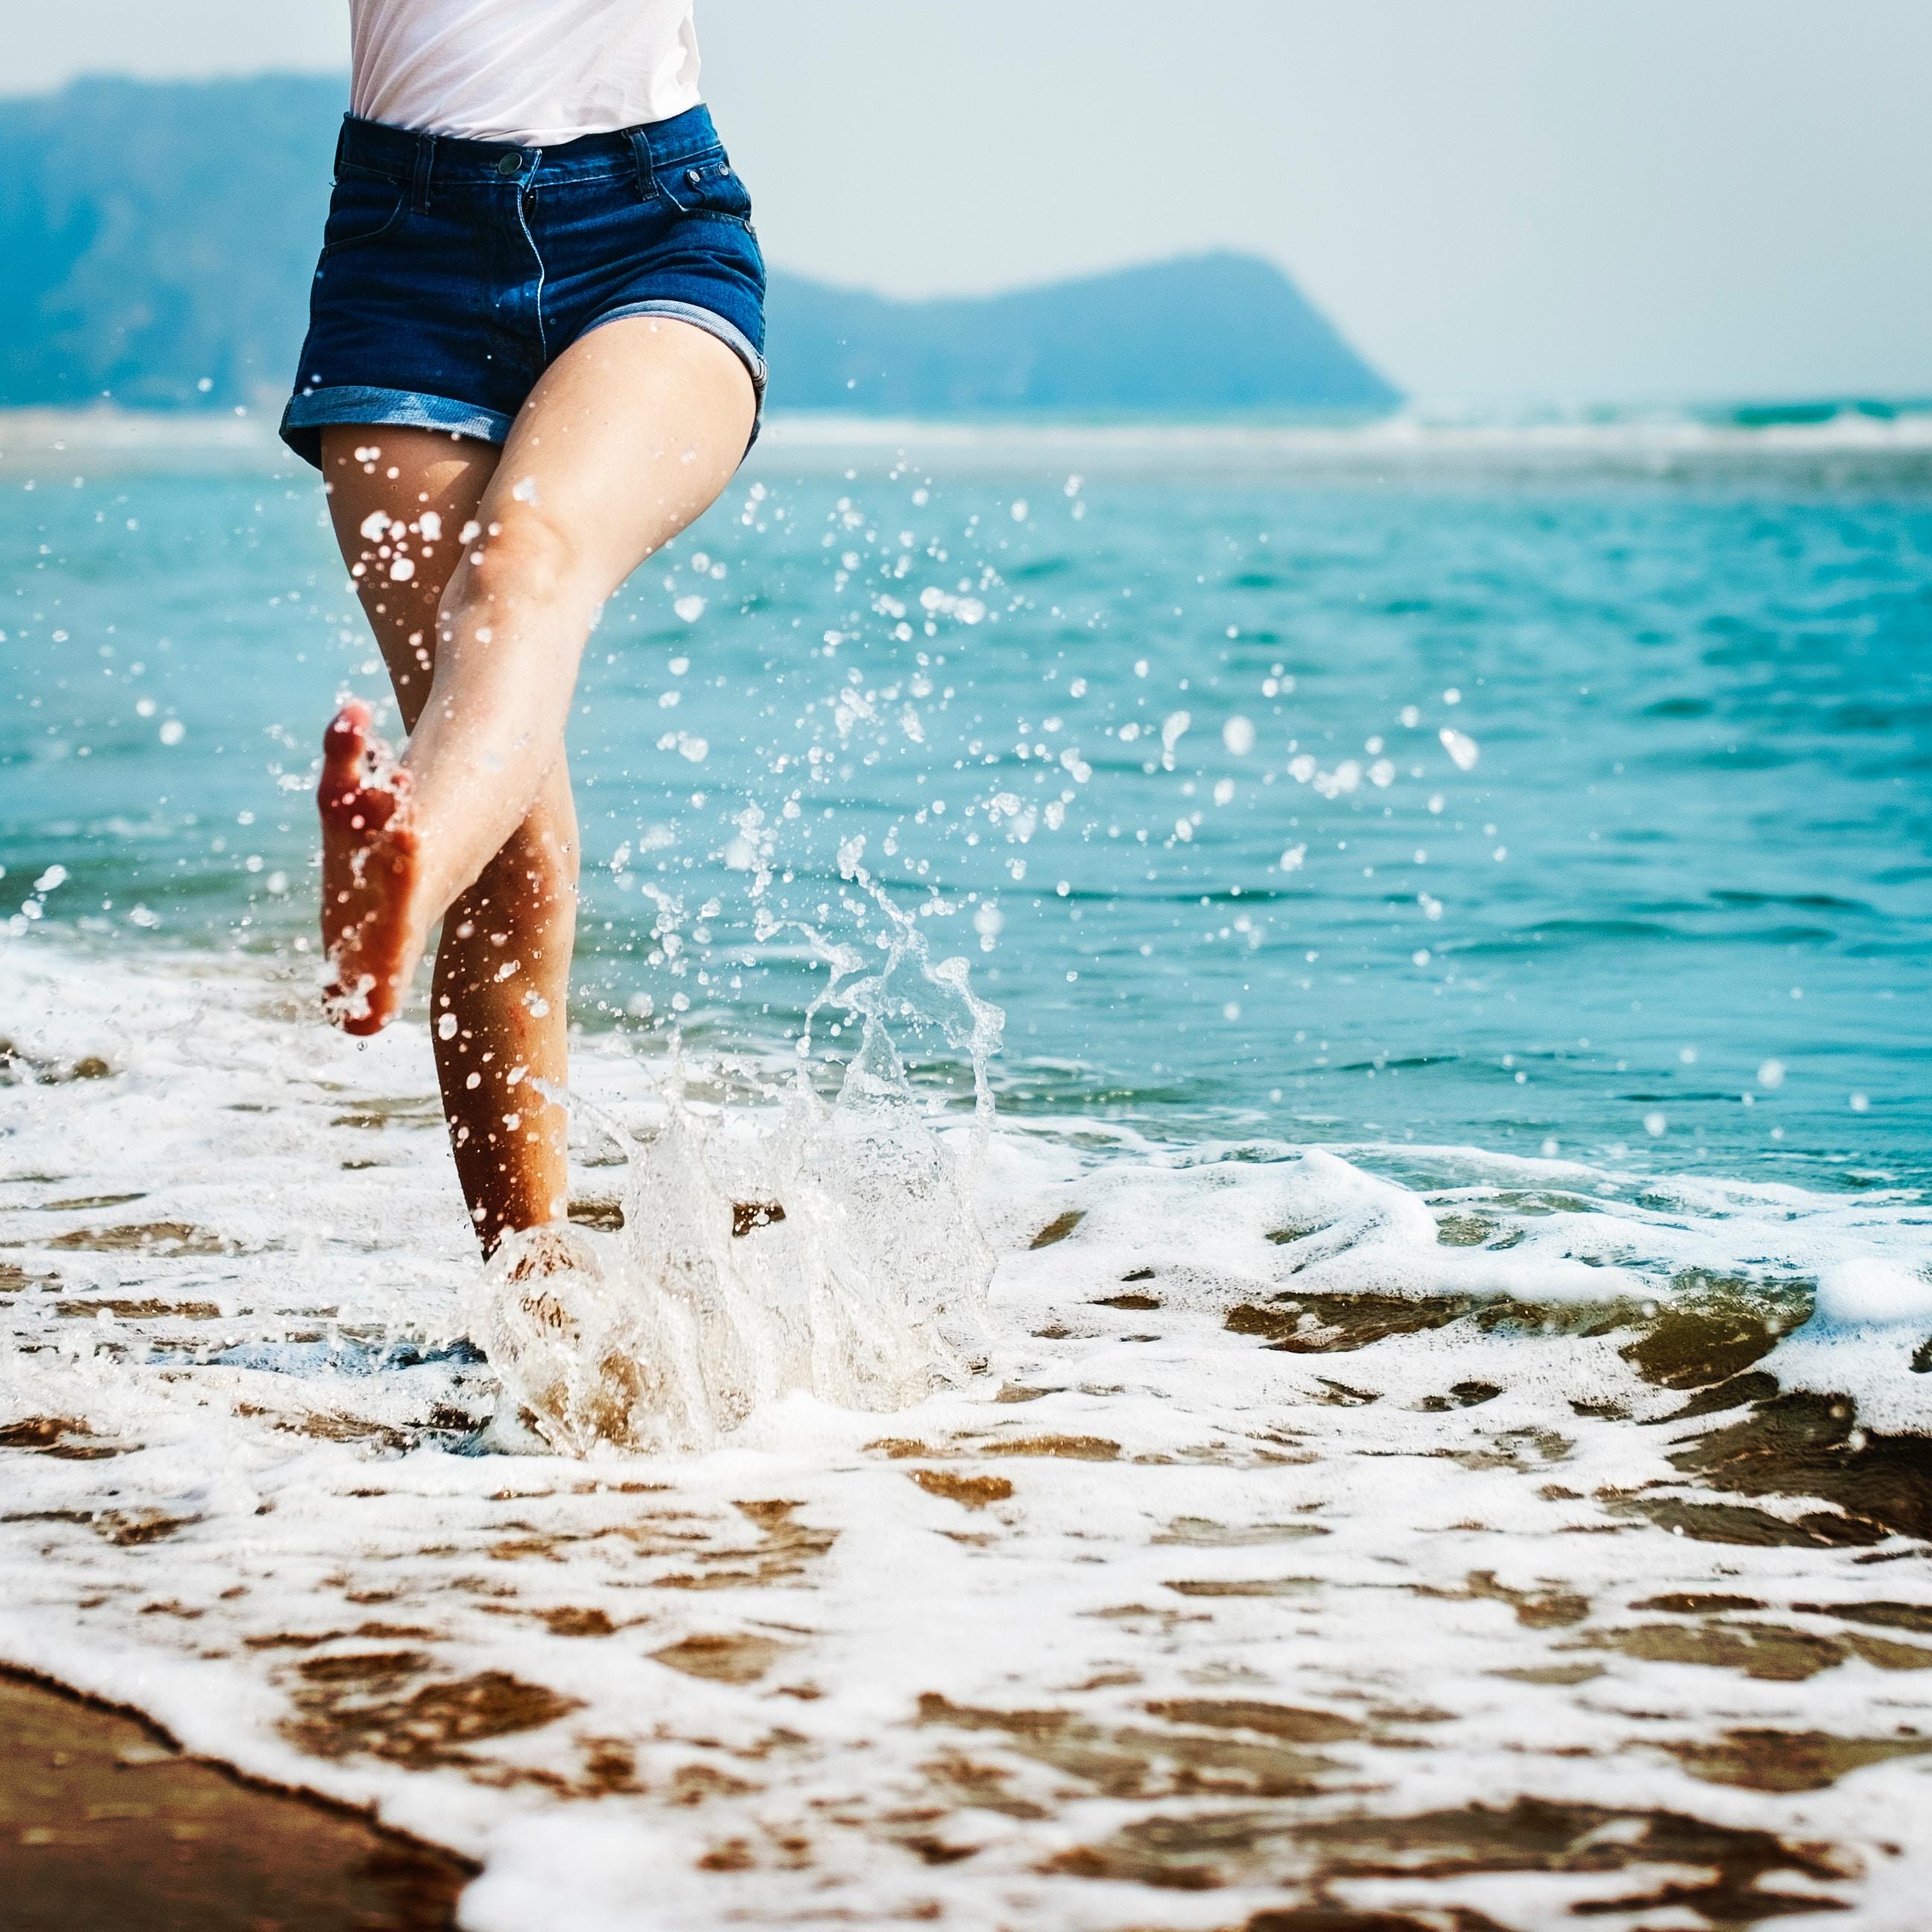 été, eau, mer, plage, soleil, coup de soleil, hydratation, protection, conseils, beauté